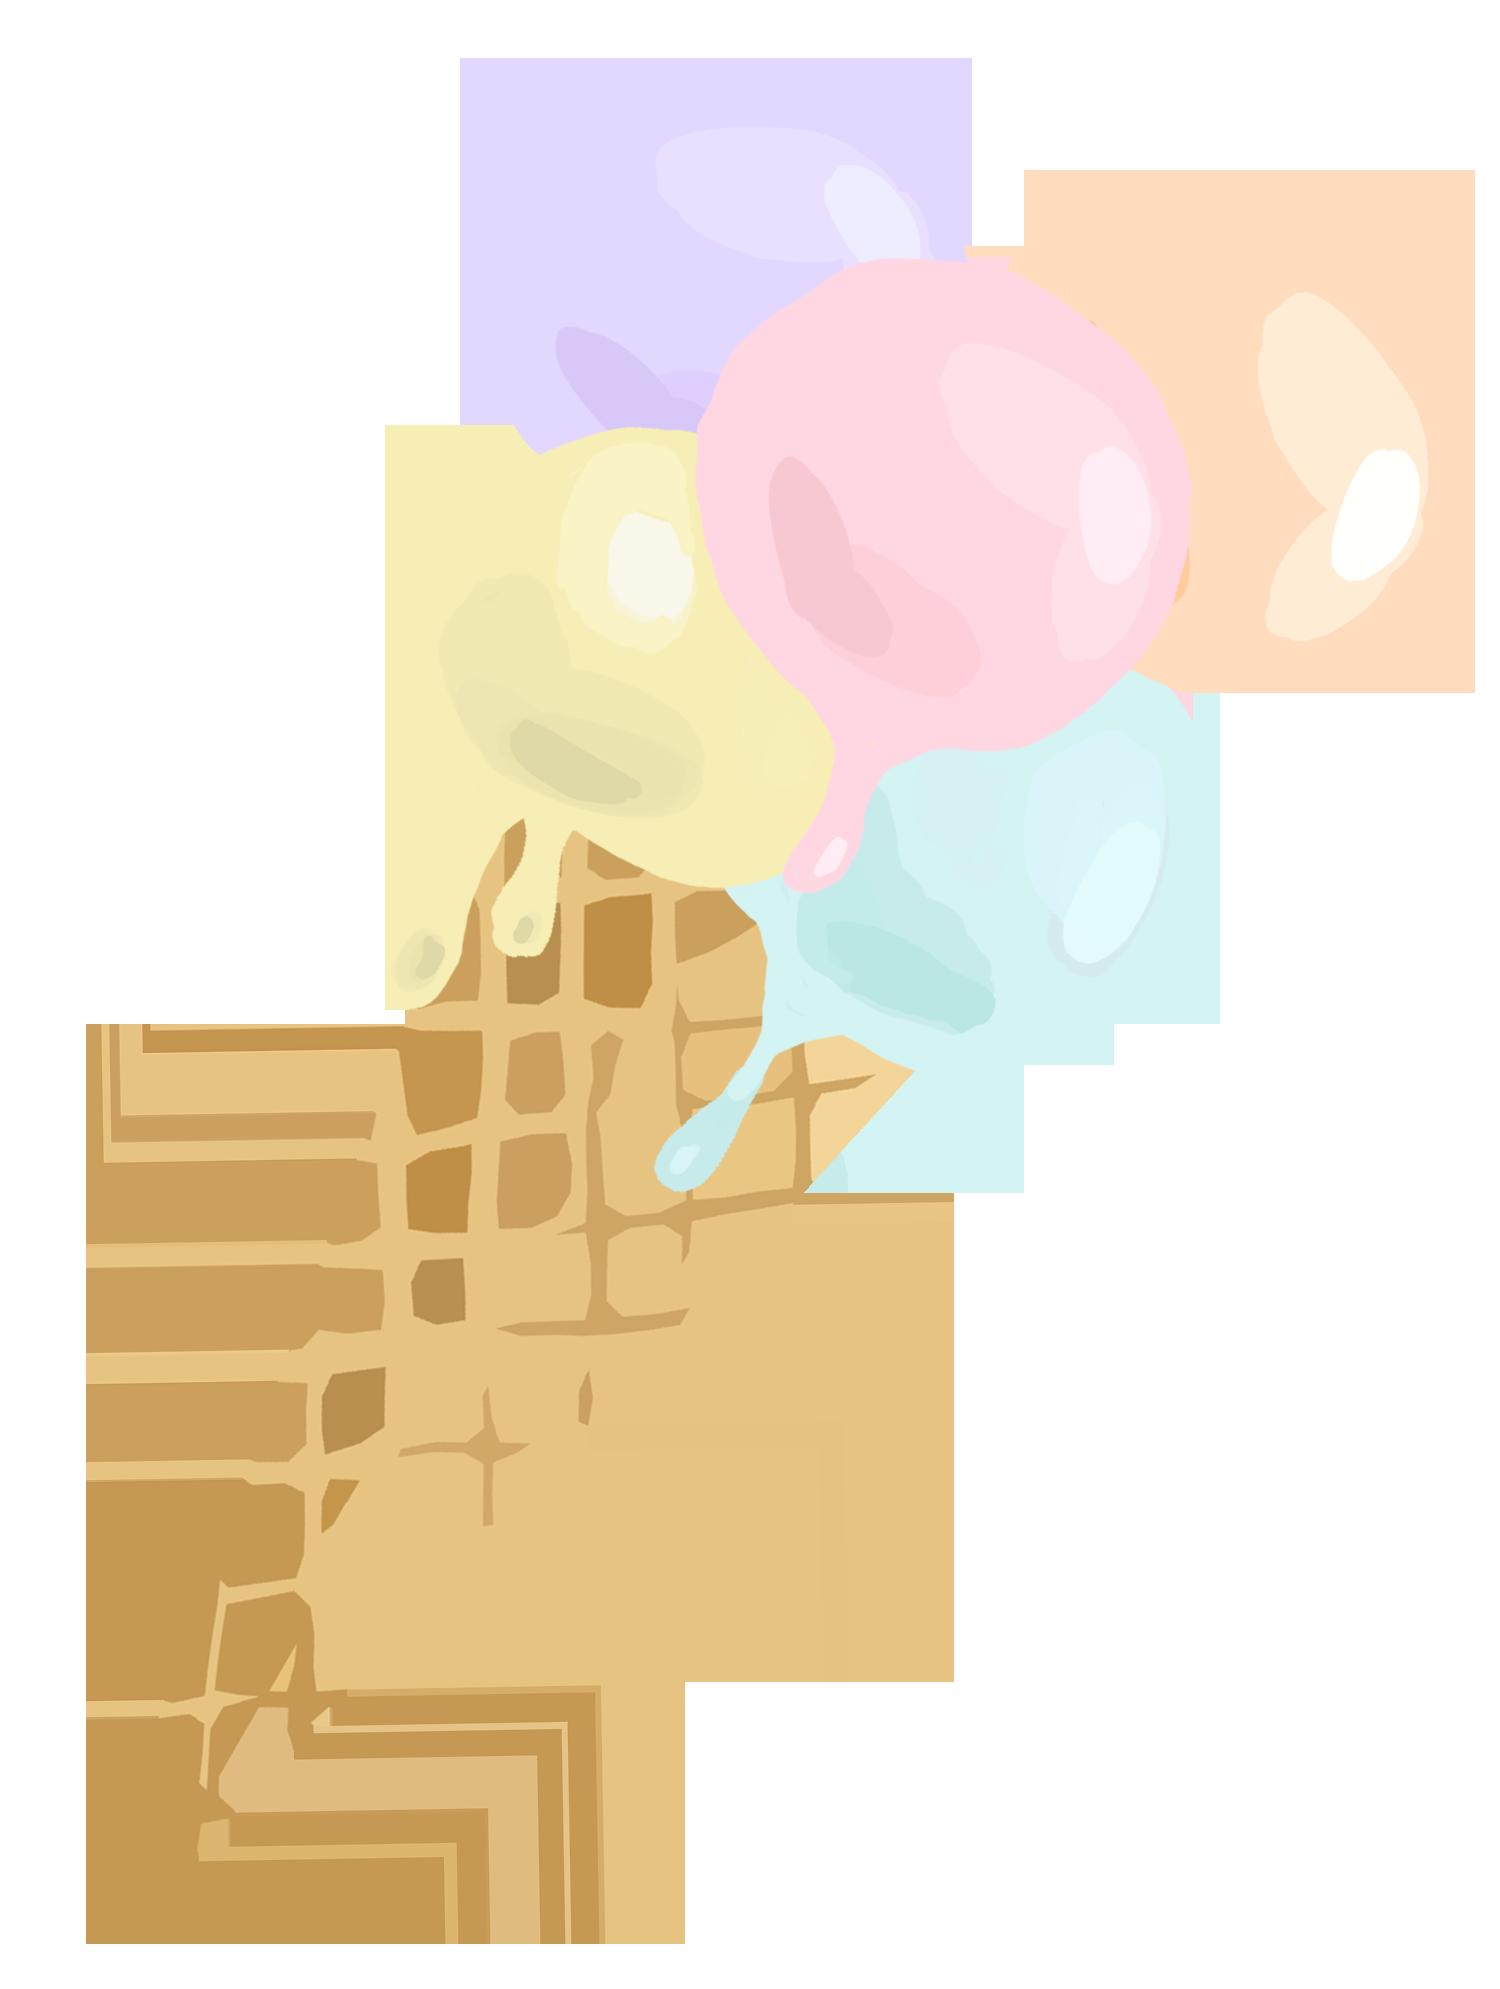 FORTINI'S review: Congratulations! You've got 5 gelato! Awesome! You're the best! - Мы не могли дать другую оценку одному из лучших университетов планеты! Побывать в его стенах - уникальный опыт! Мы чувствовали себя как в большой дружной семье! Гарвард, спасибо!